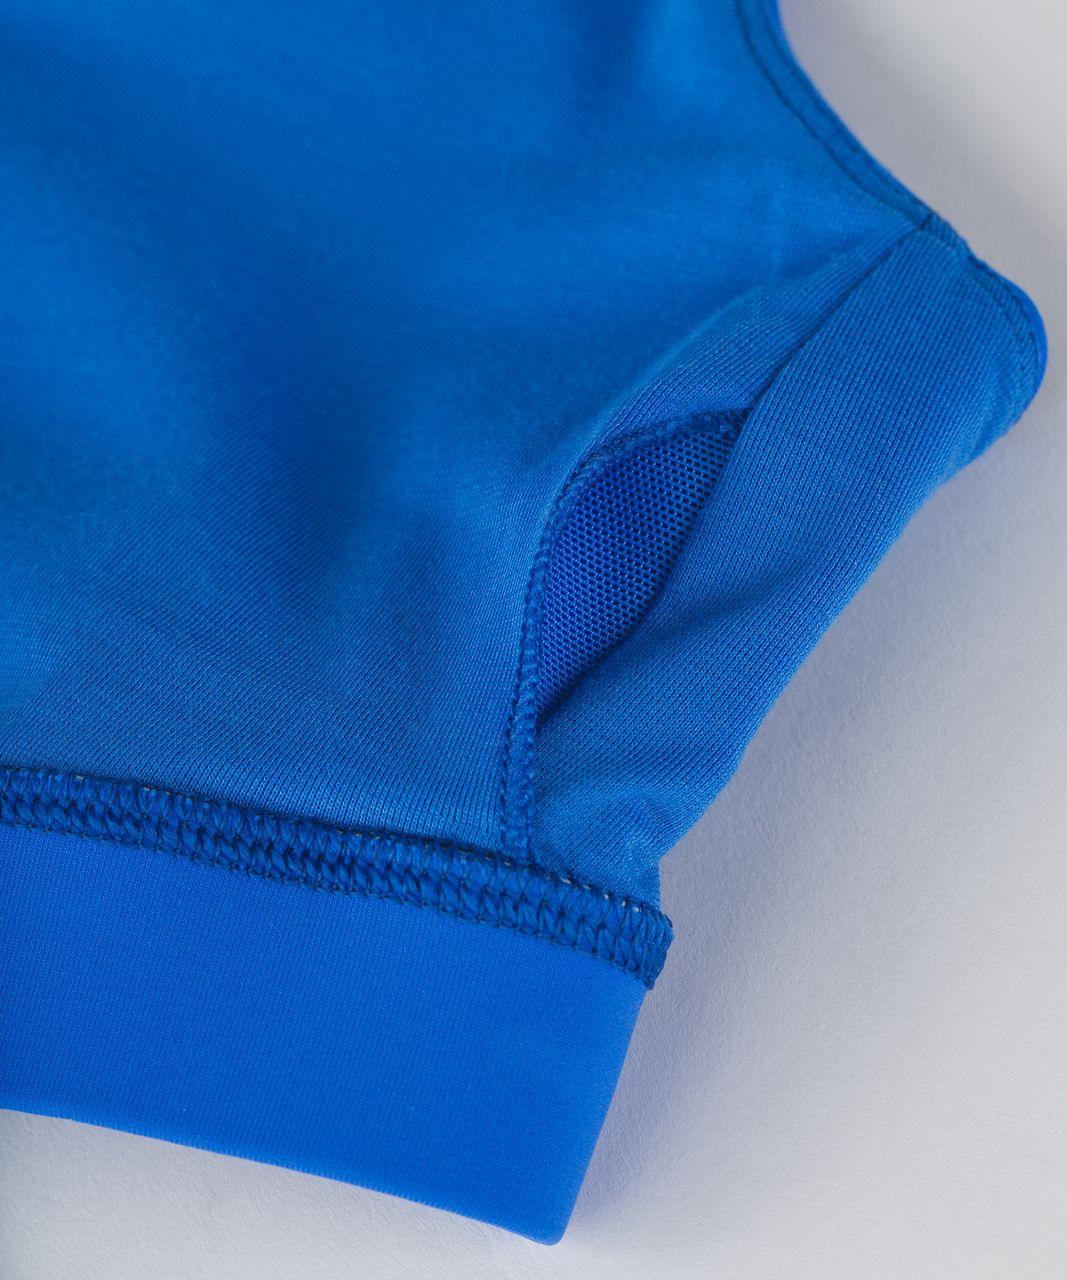 Lululemon Energy Bra - Pipe Dream Blue